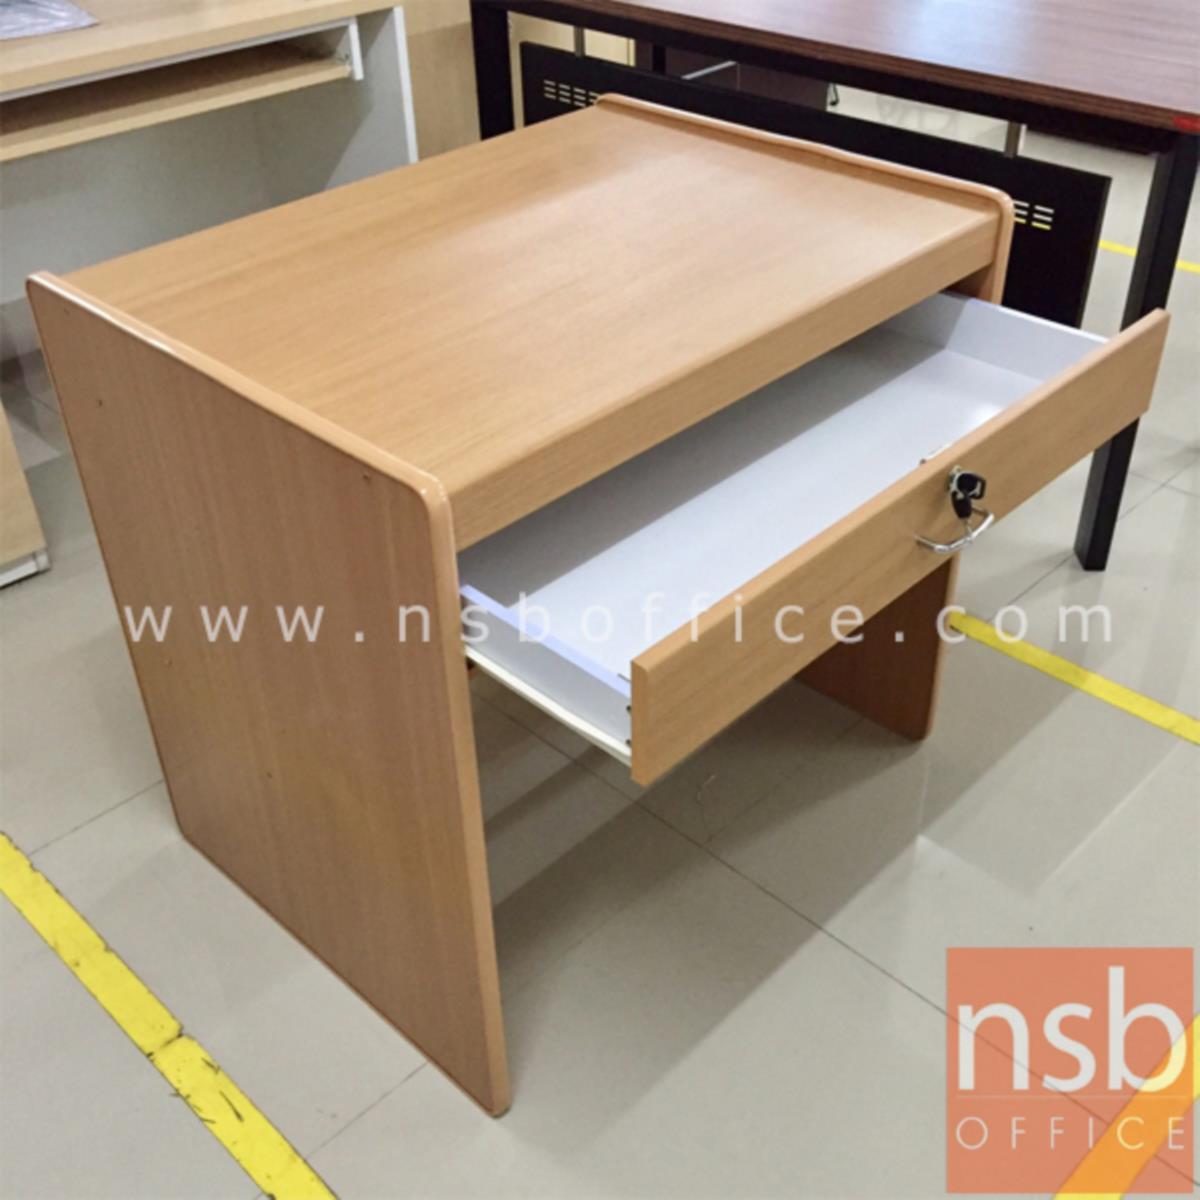 โต๊ะทำงาน 1 ลิ้นชัก  รุ่น Venus (วีนัส) ขนาด 80W cm. พีวีซี